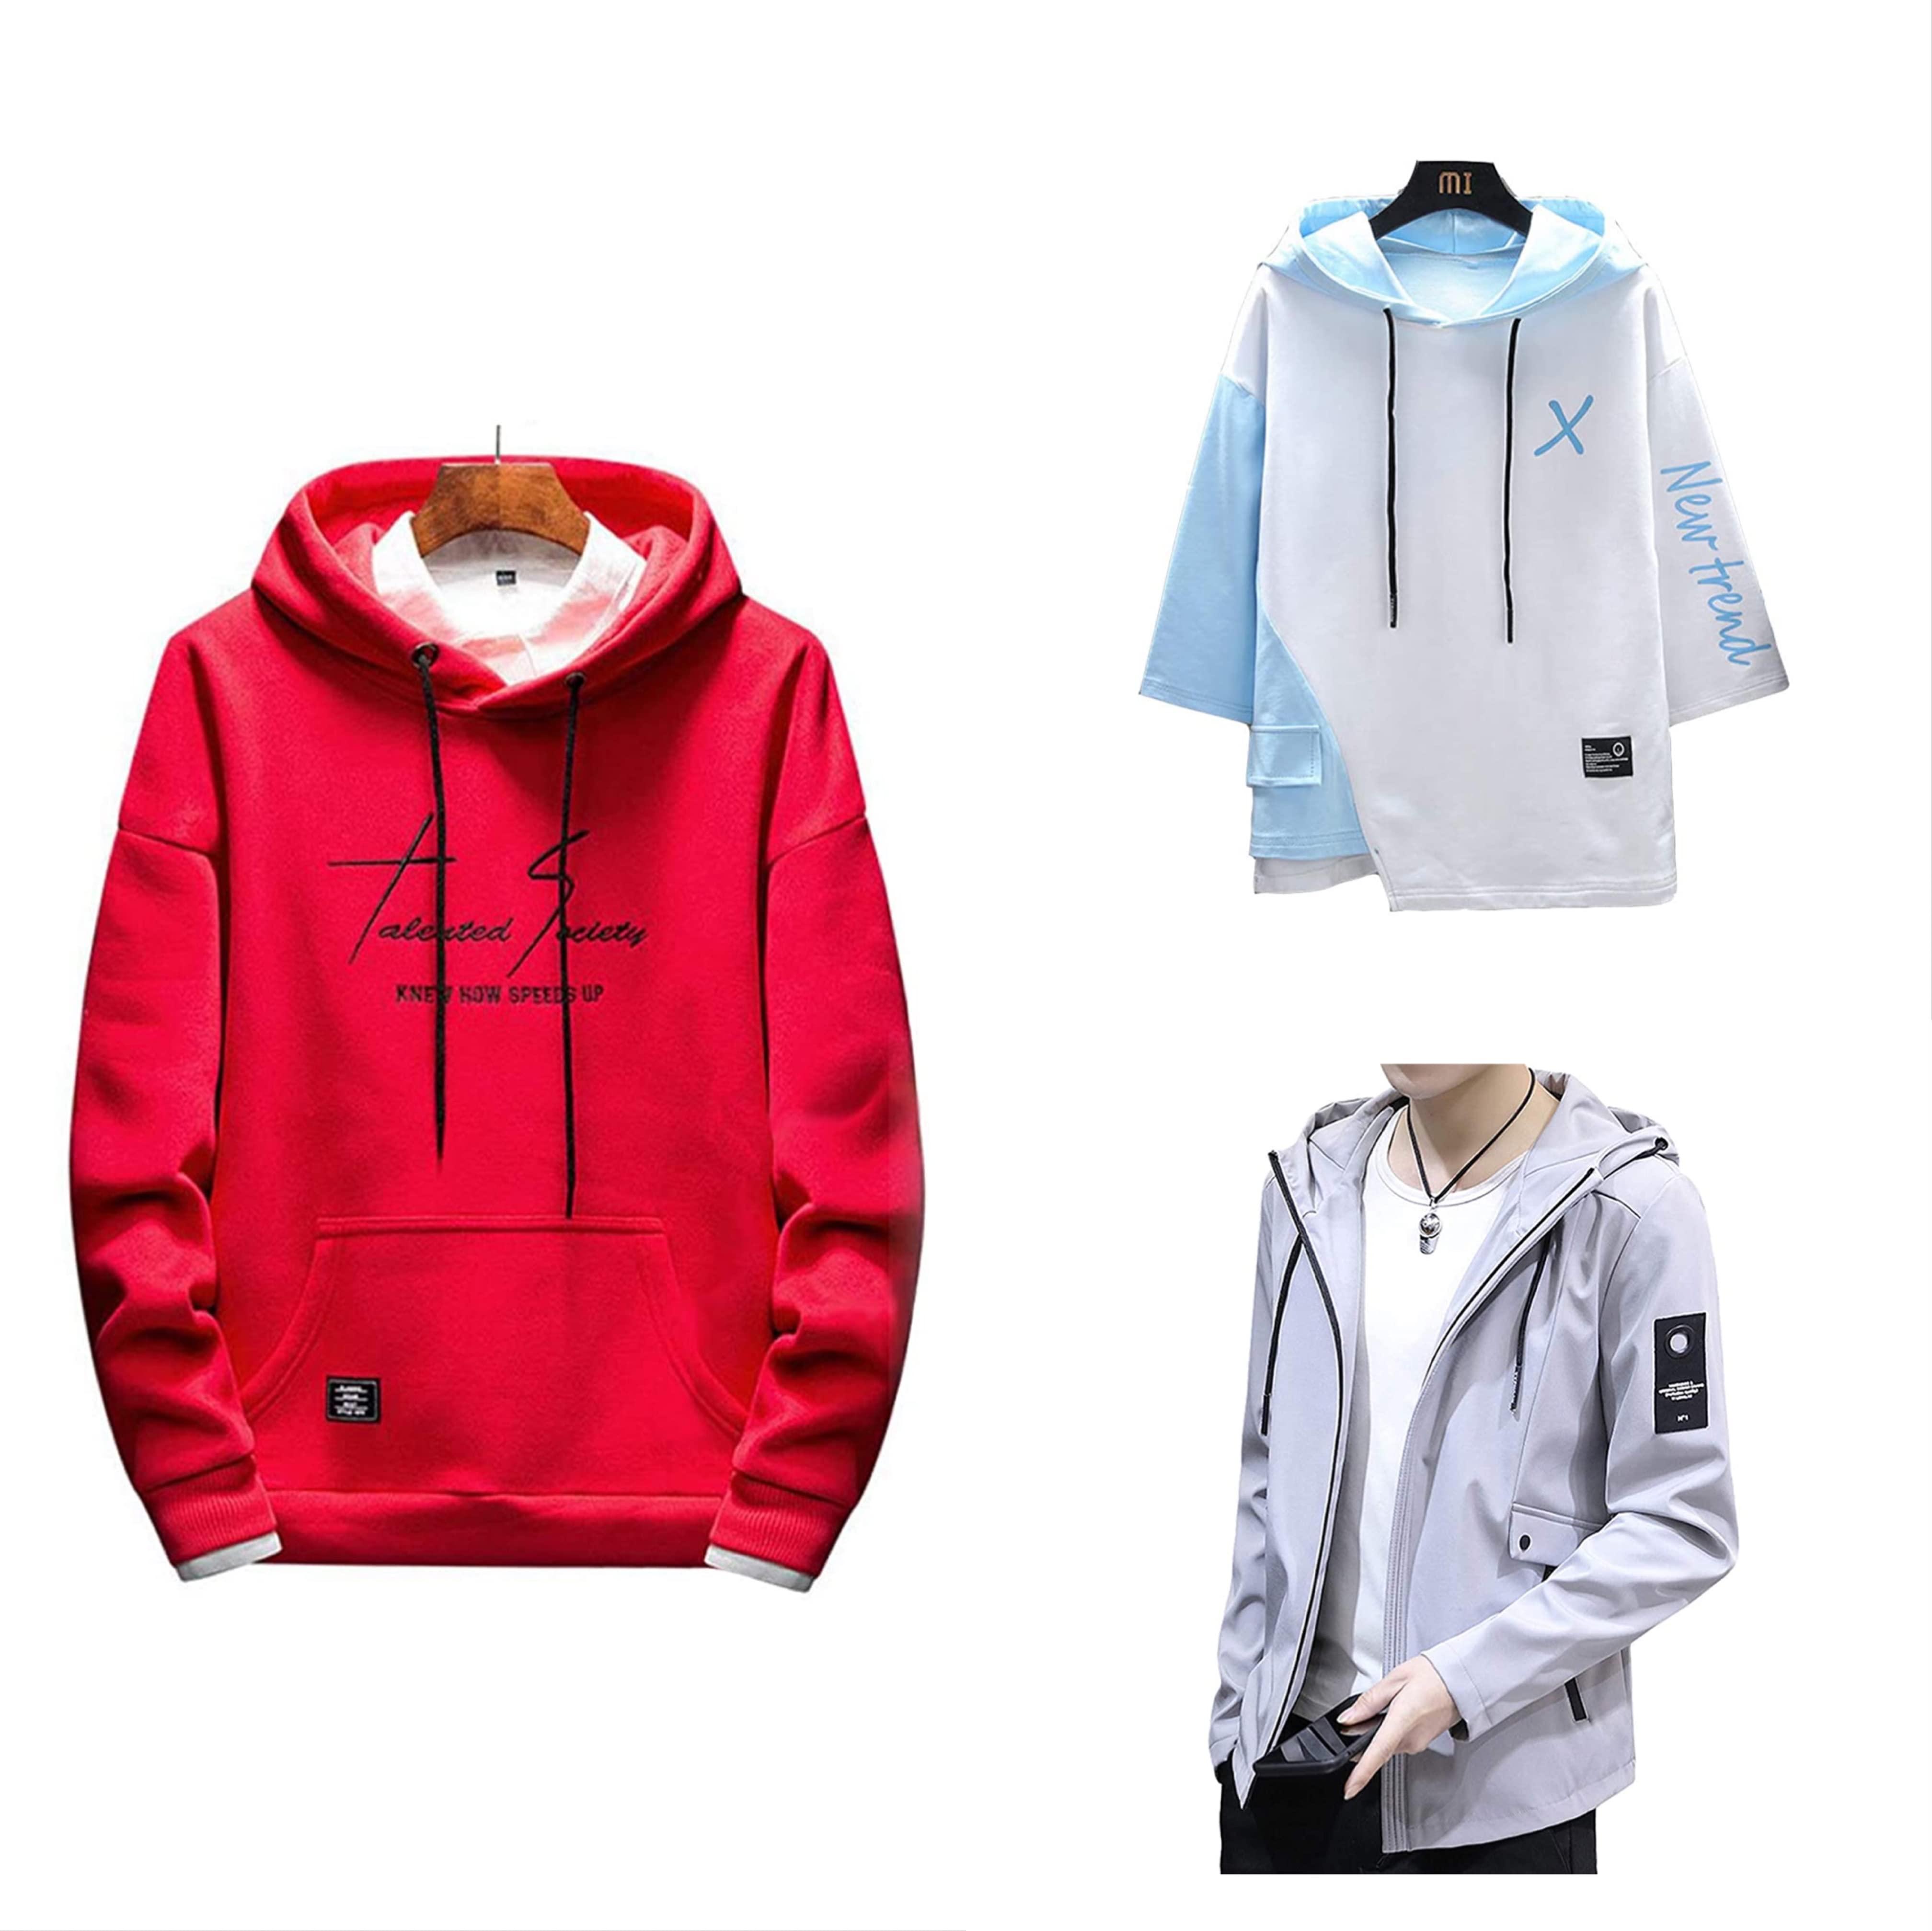 メンズ 秋冬お出かけ・ビジネスファッションがお買い得; セール価格: ¥2,224 - ¥2,304